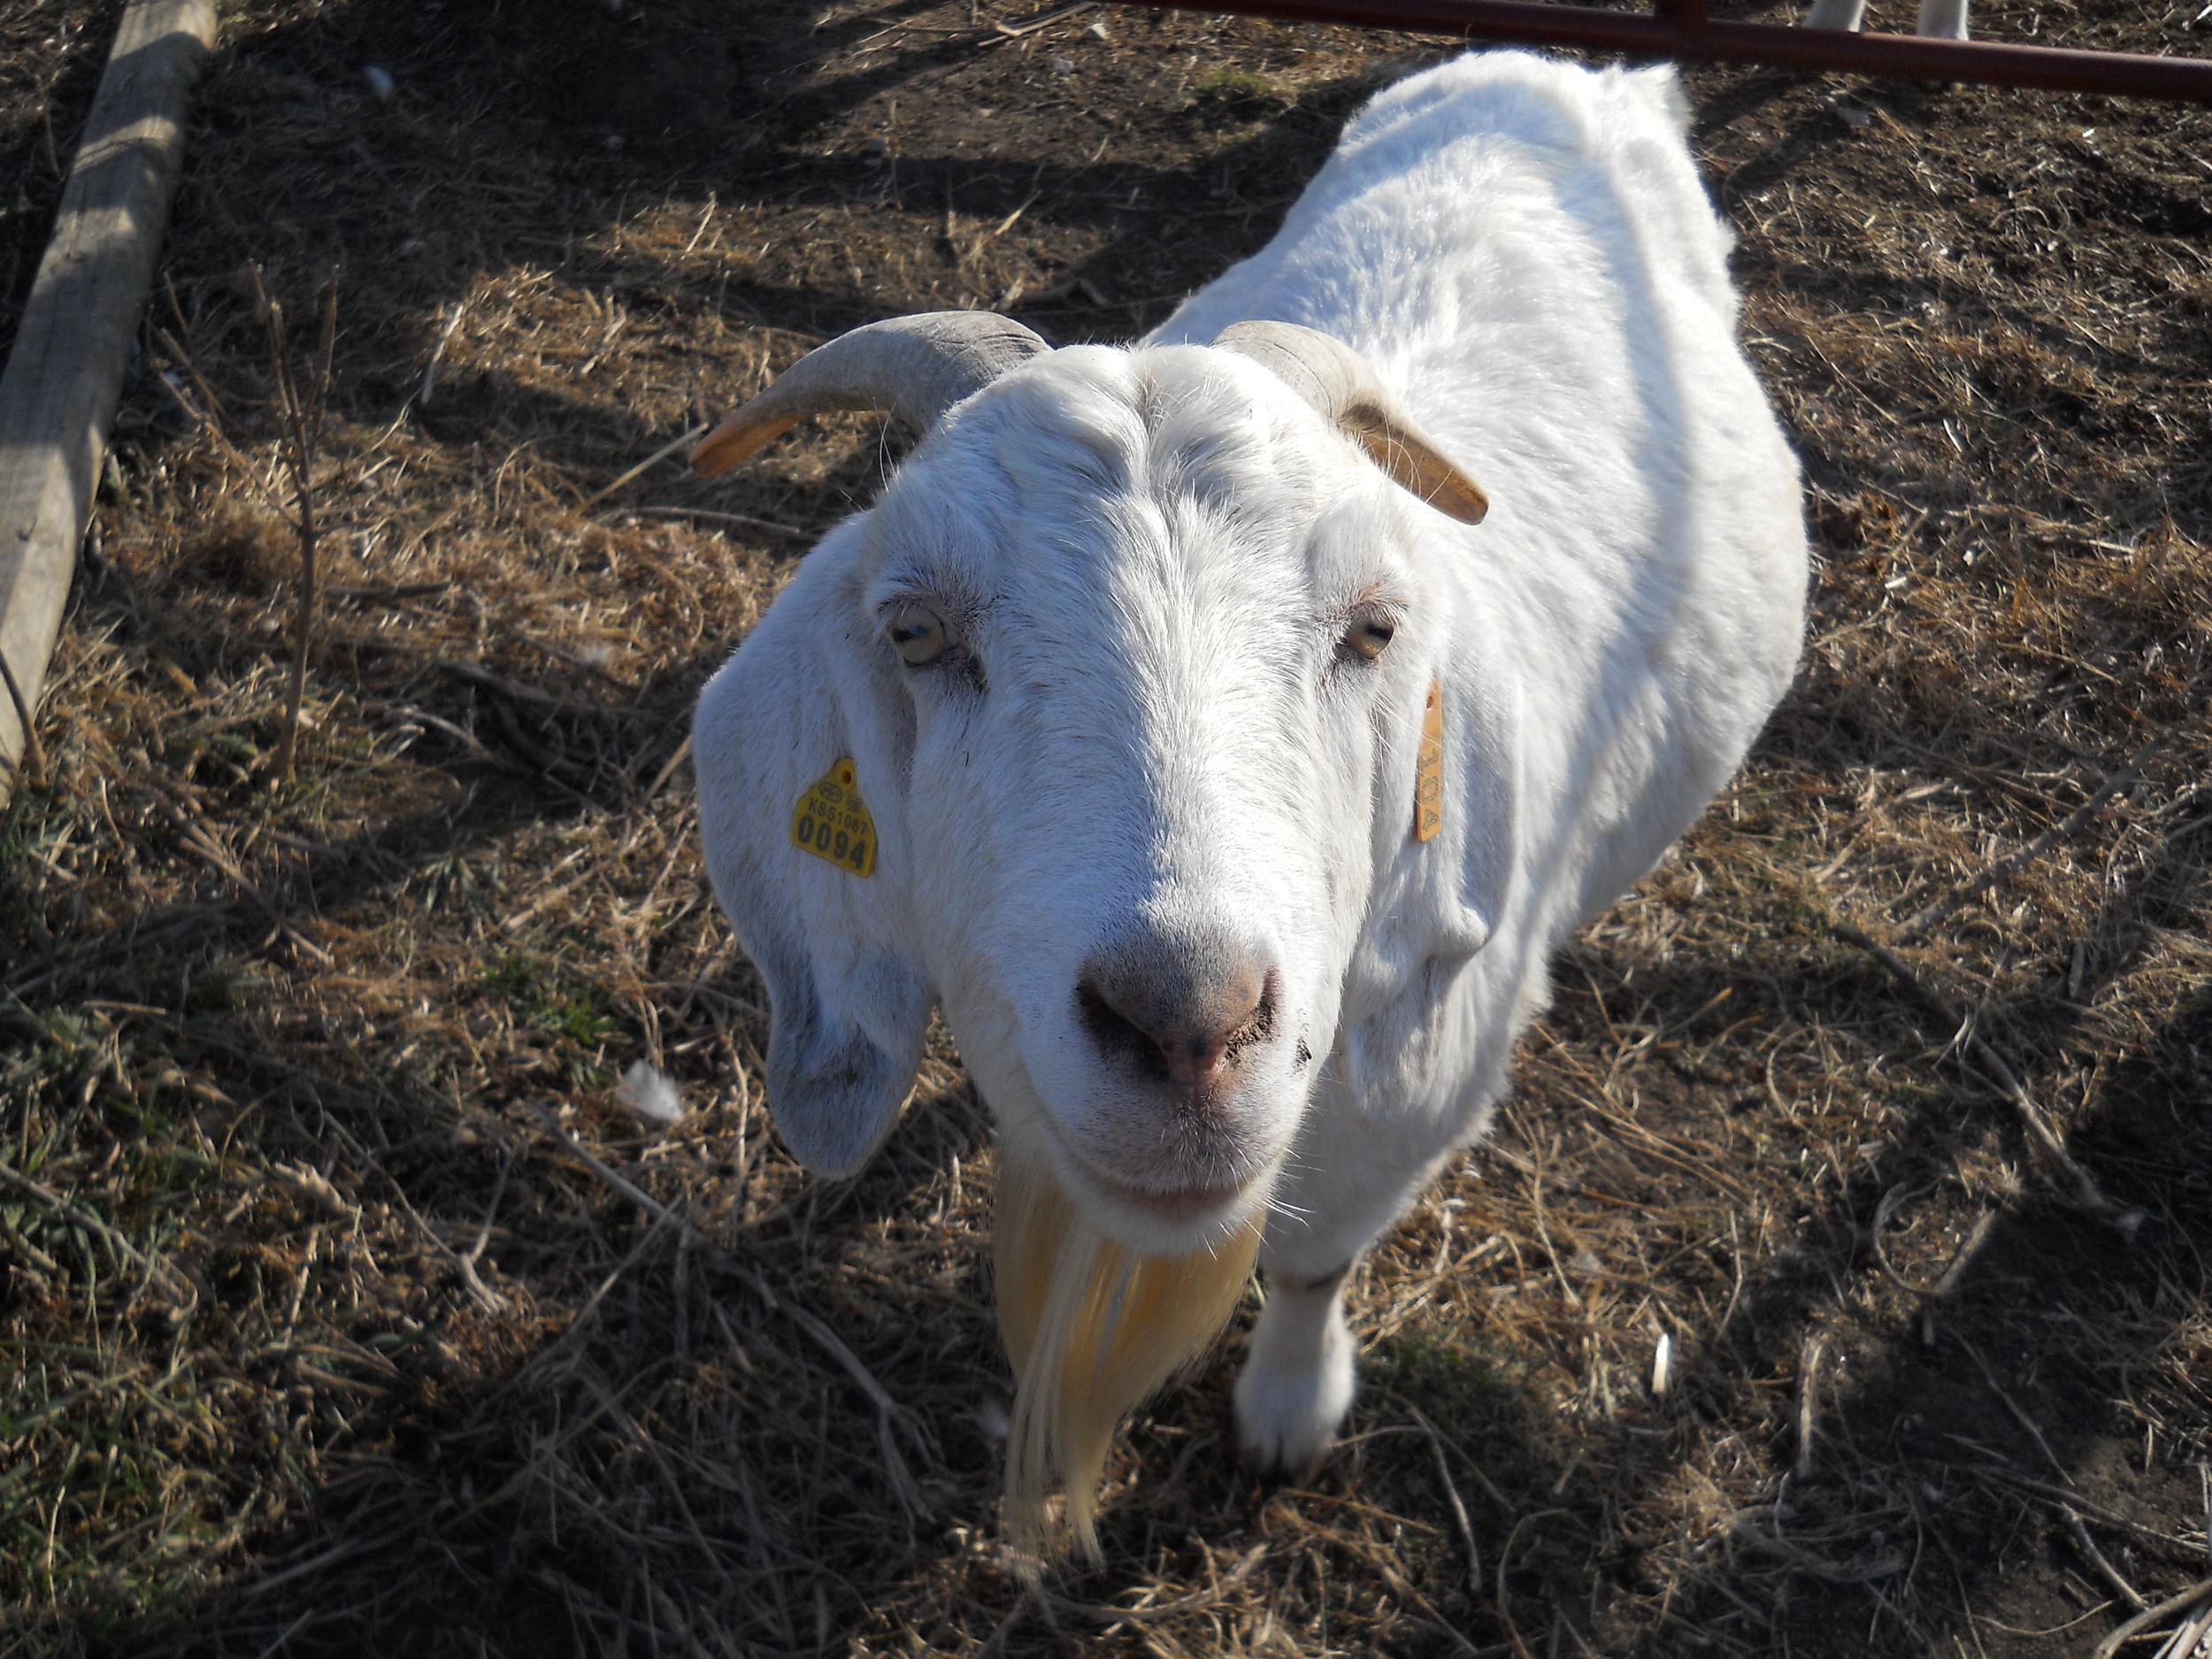 Hee Haw Farms Goat